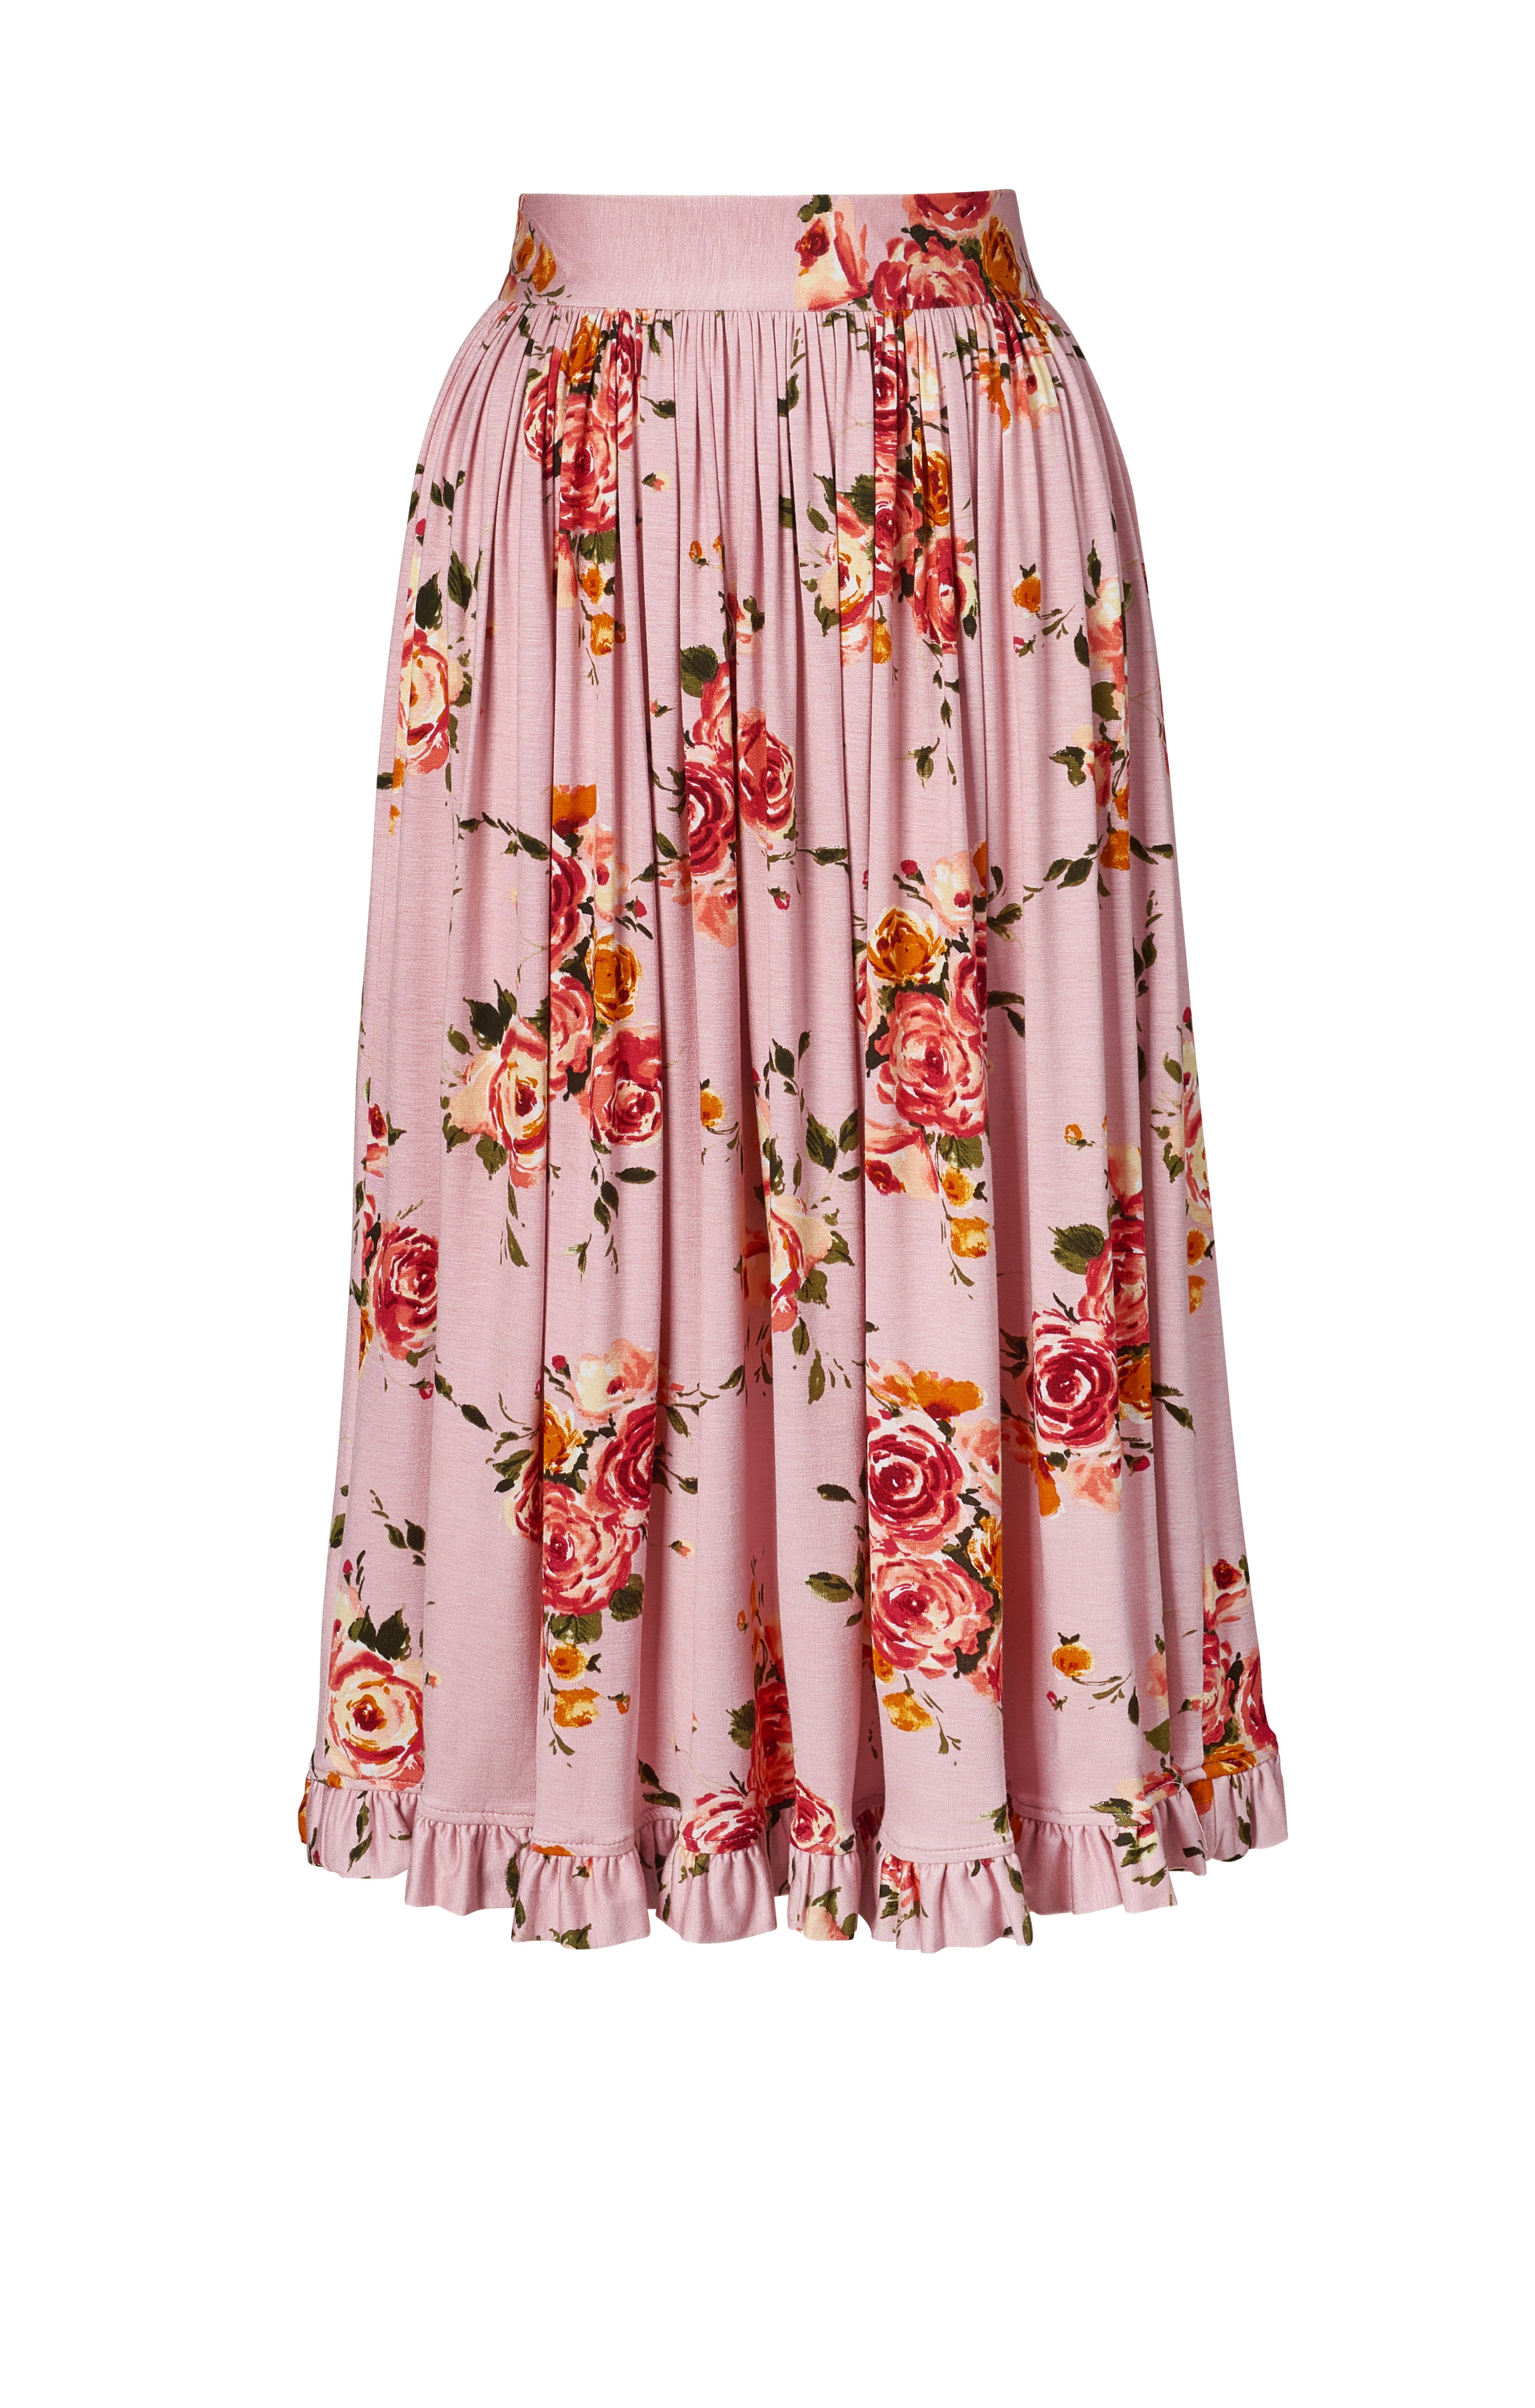 Love Finds a Way Skirt $200